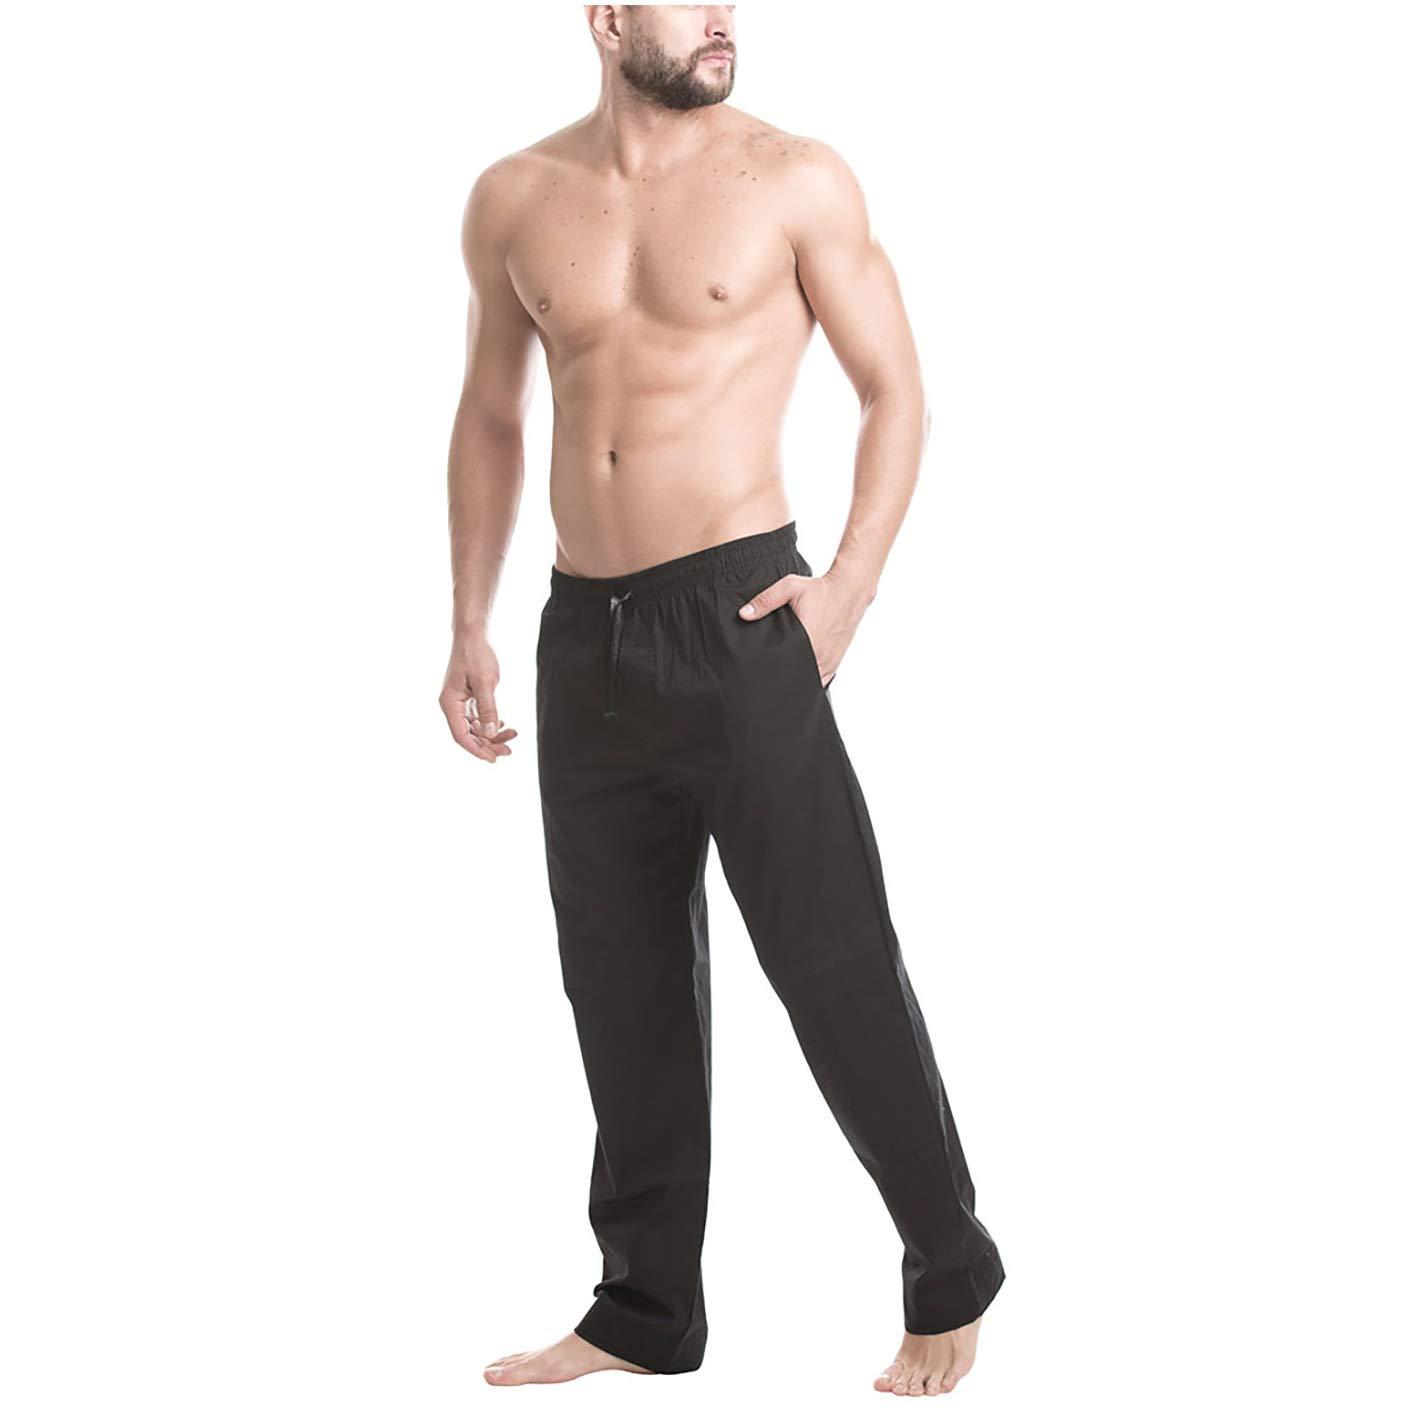 Mundo Unico Pantalon Colombian Underwear Ropa Interior ...